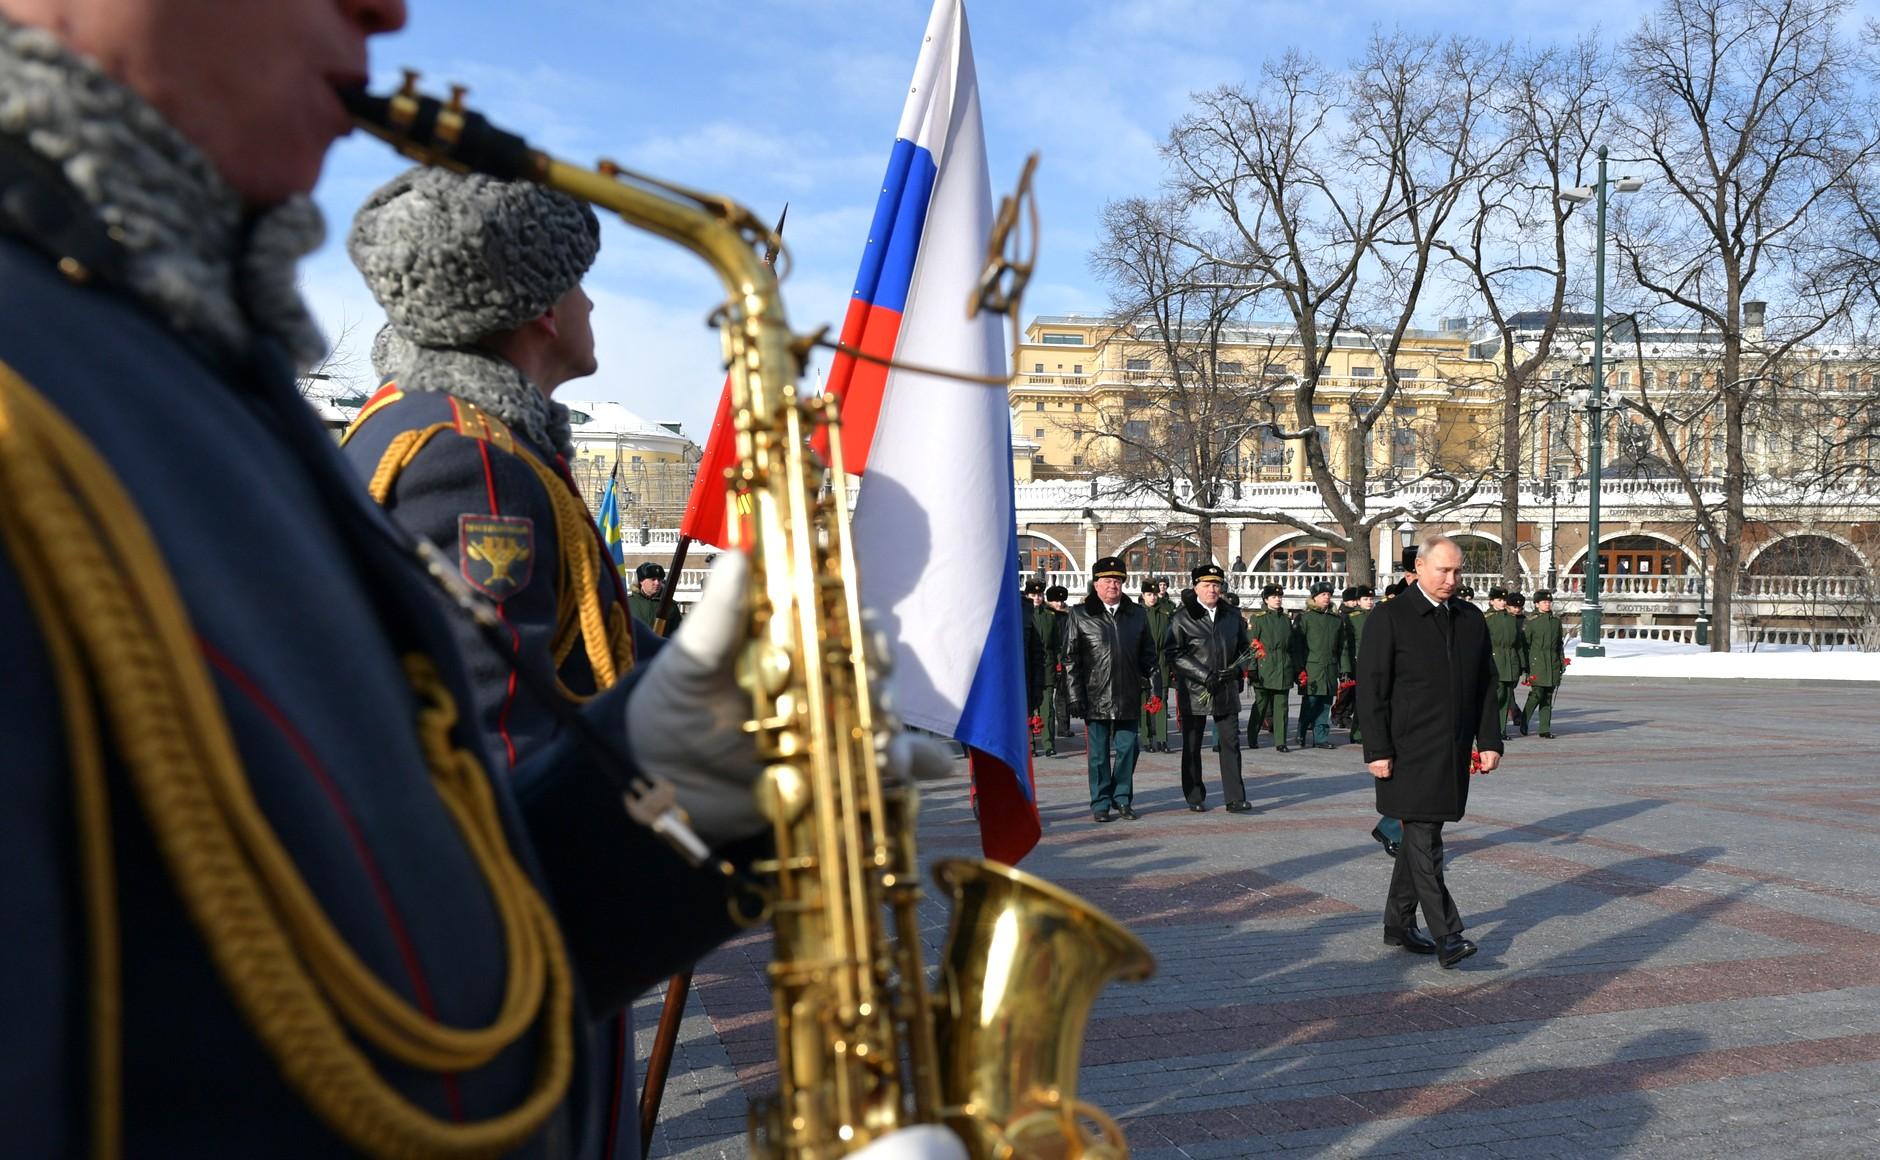 KREMLIN 2 WW 7 Le président a déposé une couronne sur la tombe du soldat inconnu à l'occasion de la Journée du défenseur de la patrie 23.02.2021